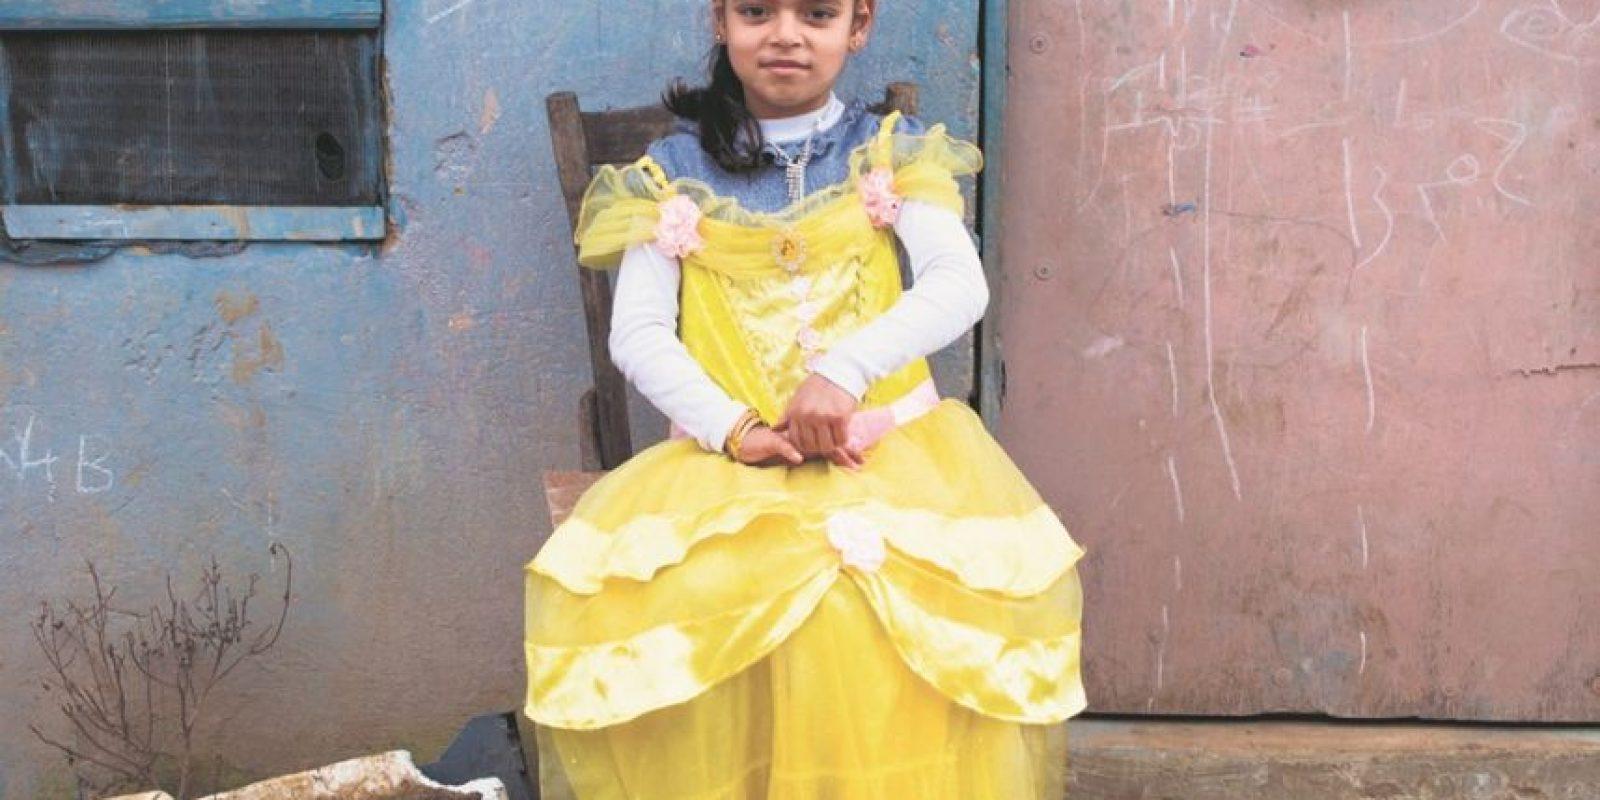 Las niñas participaron con vestimentas de princesas. Foto:Saint hoax